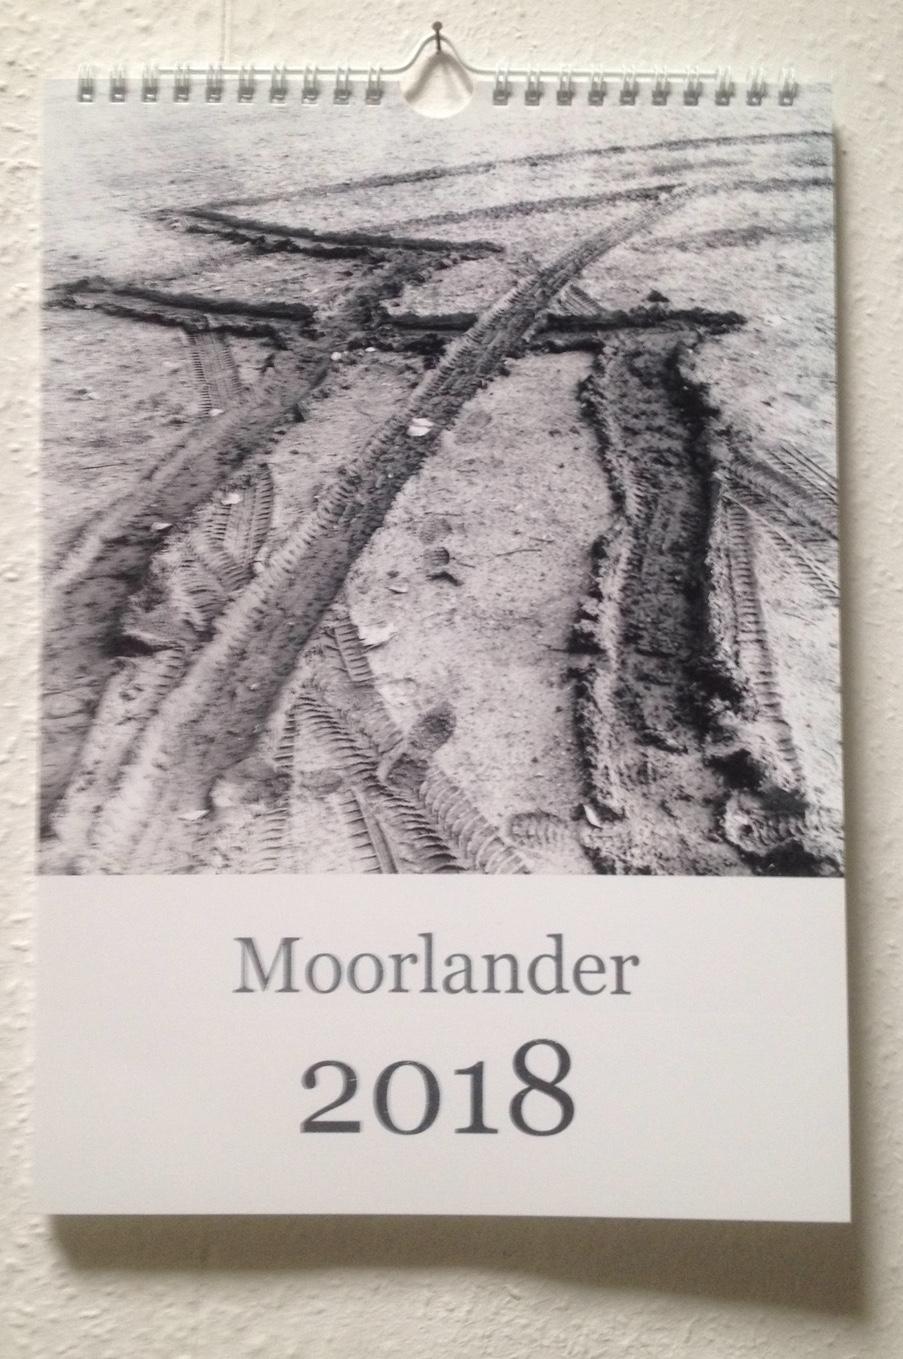 Schwarz-weiße Schlammspur über Schriftzug Moorlander 2018